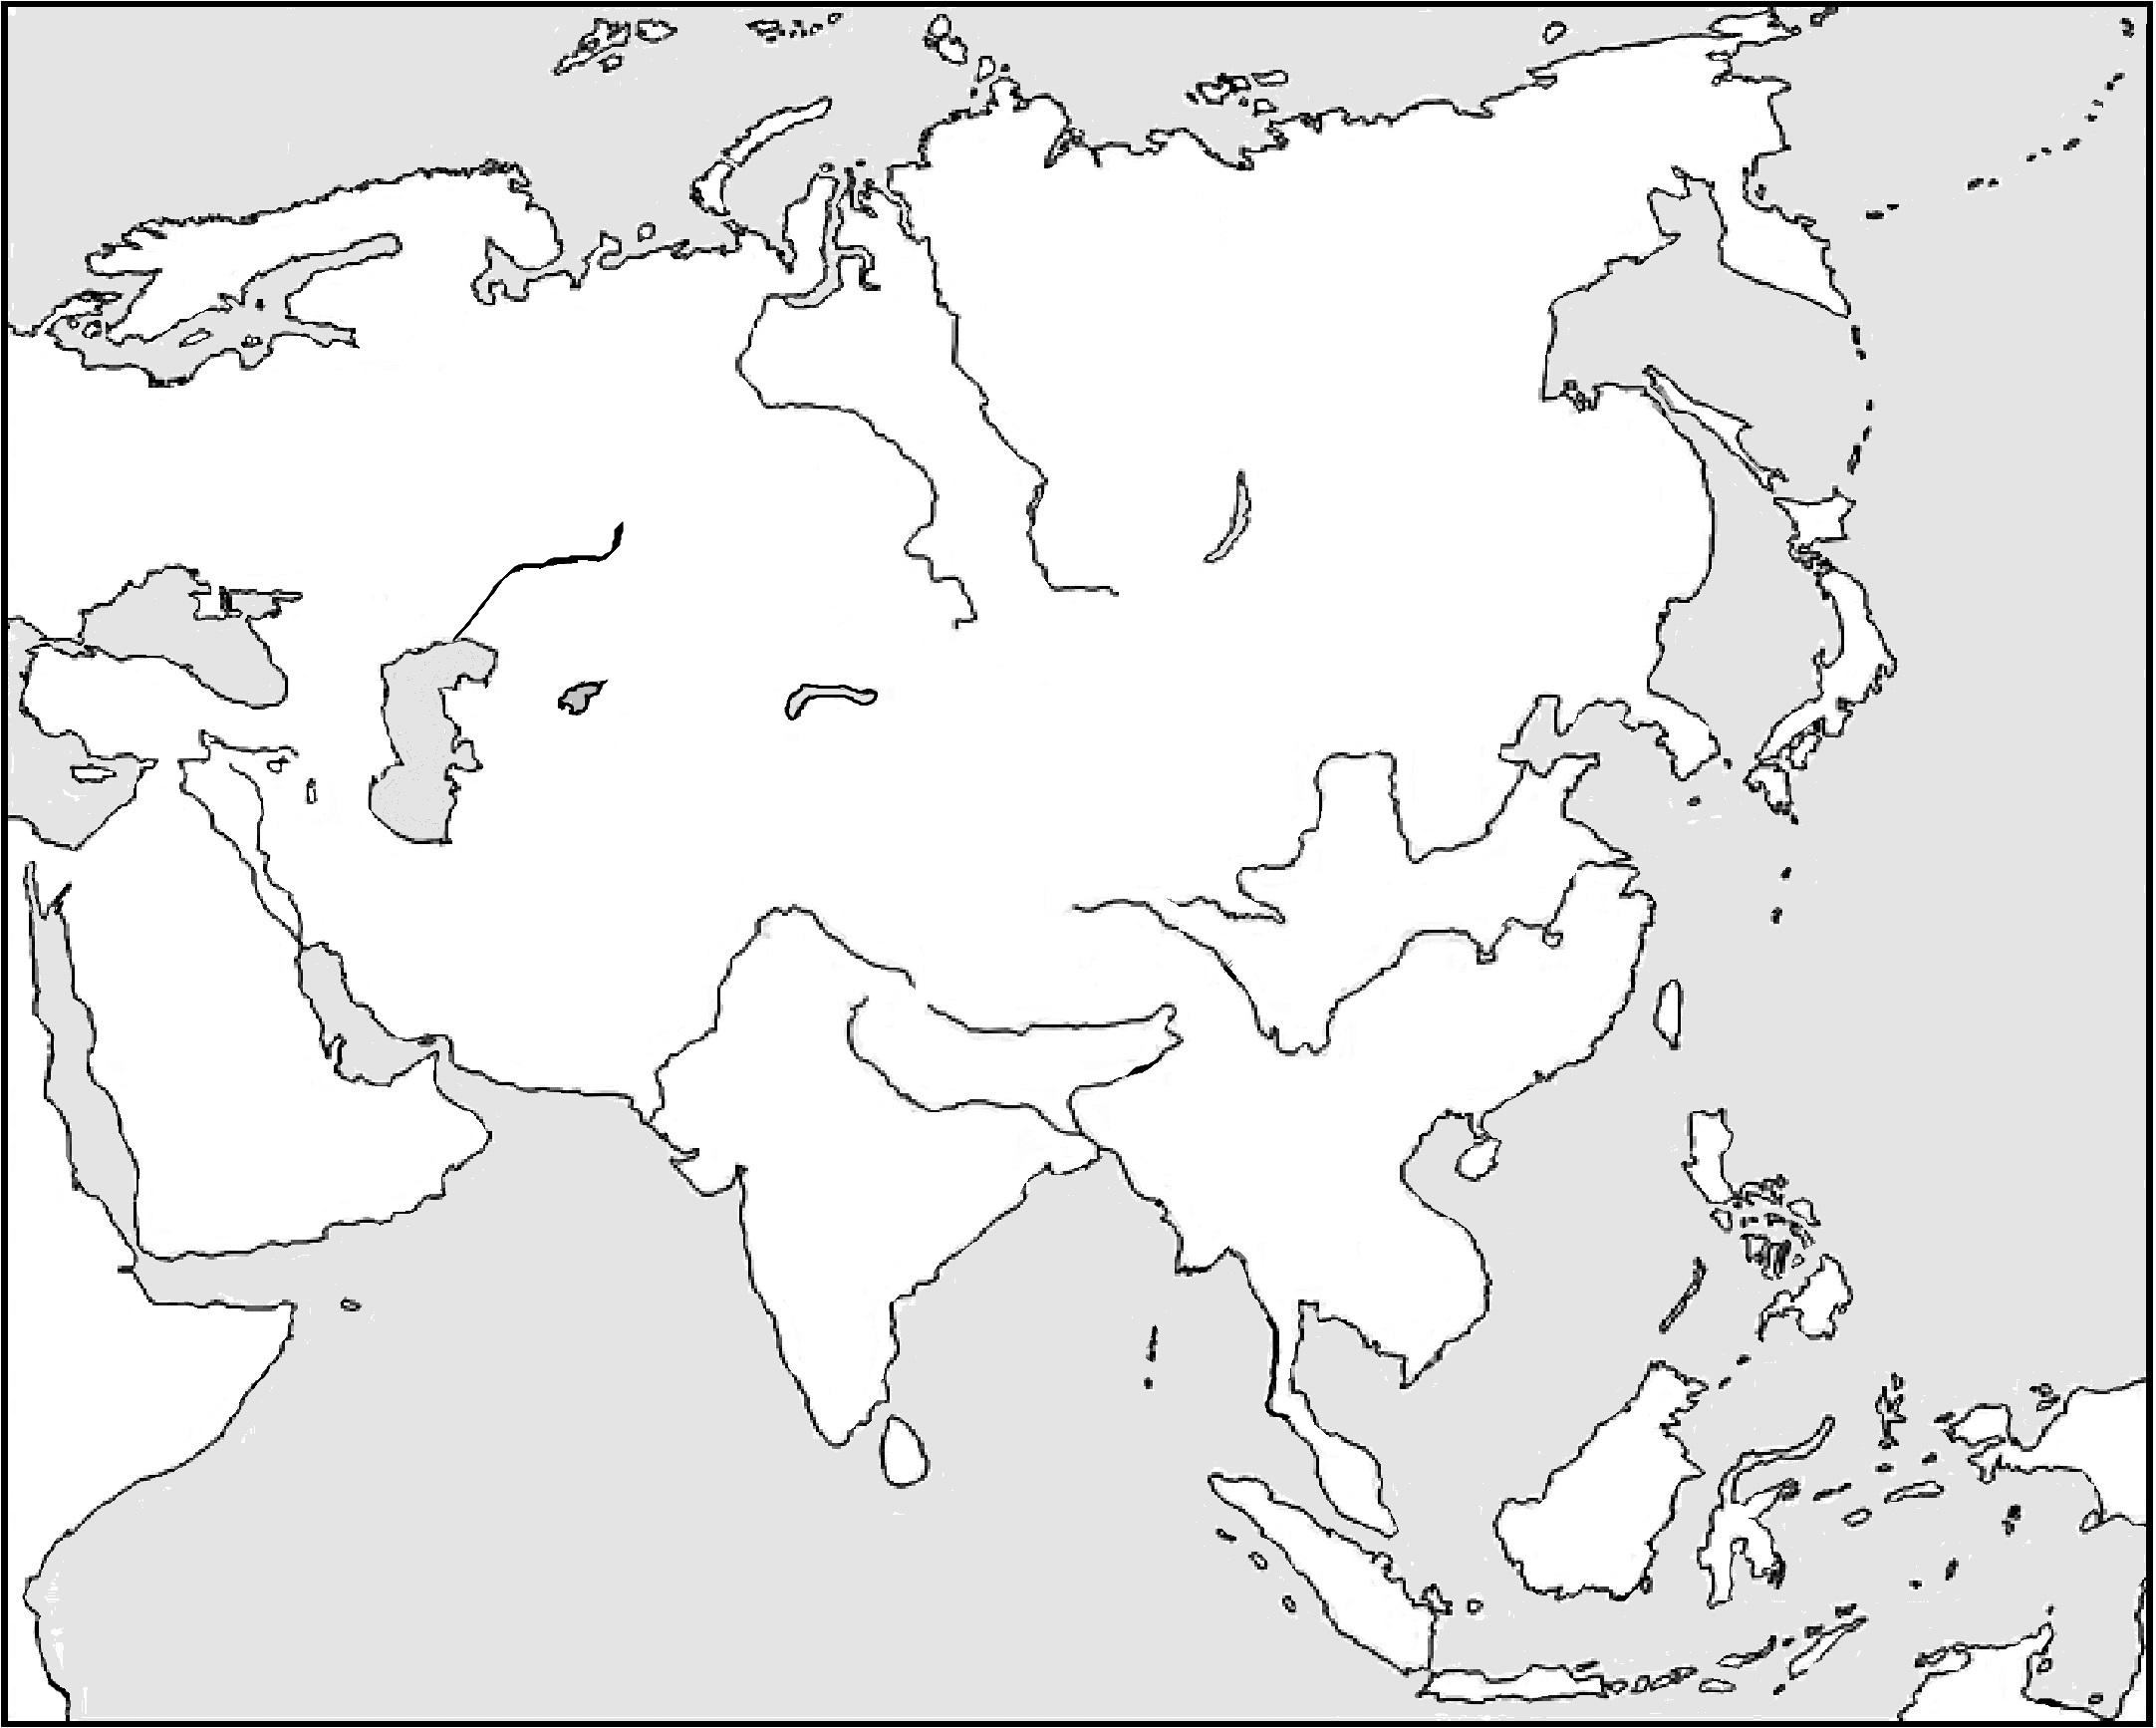 nema karta azije Osnovna škola Veruda Pula   Ivan Gambiroža nema karta azije